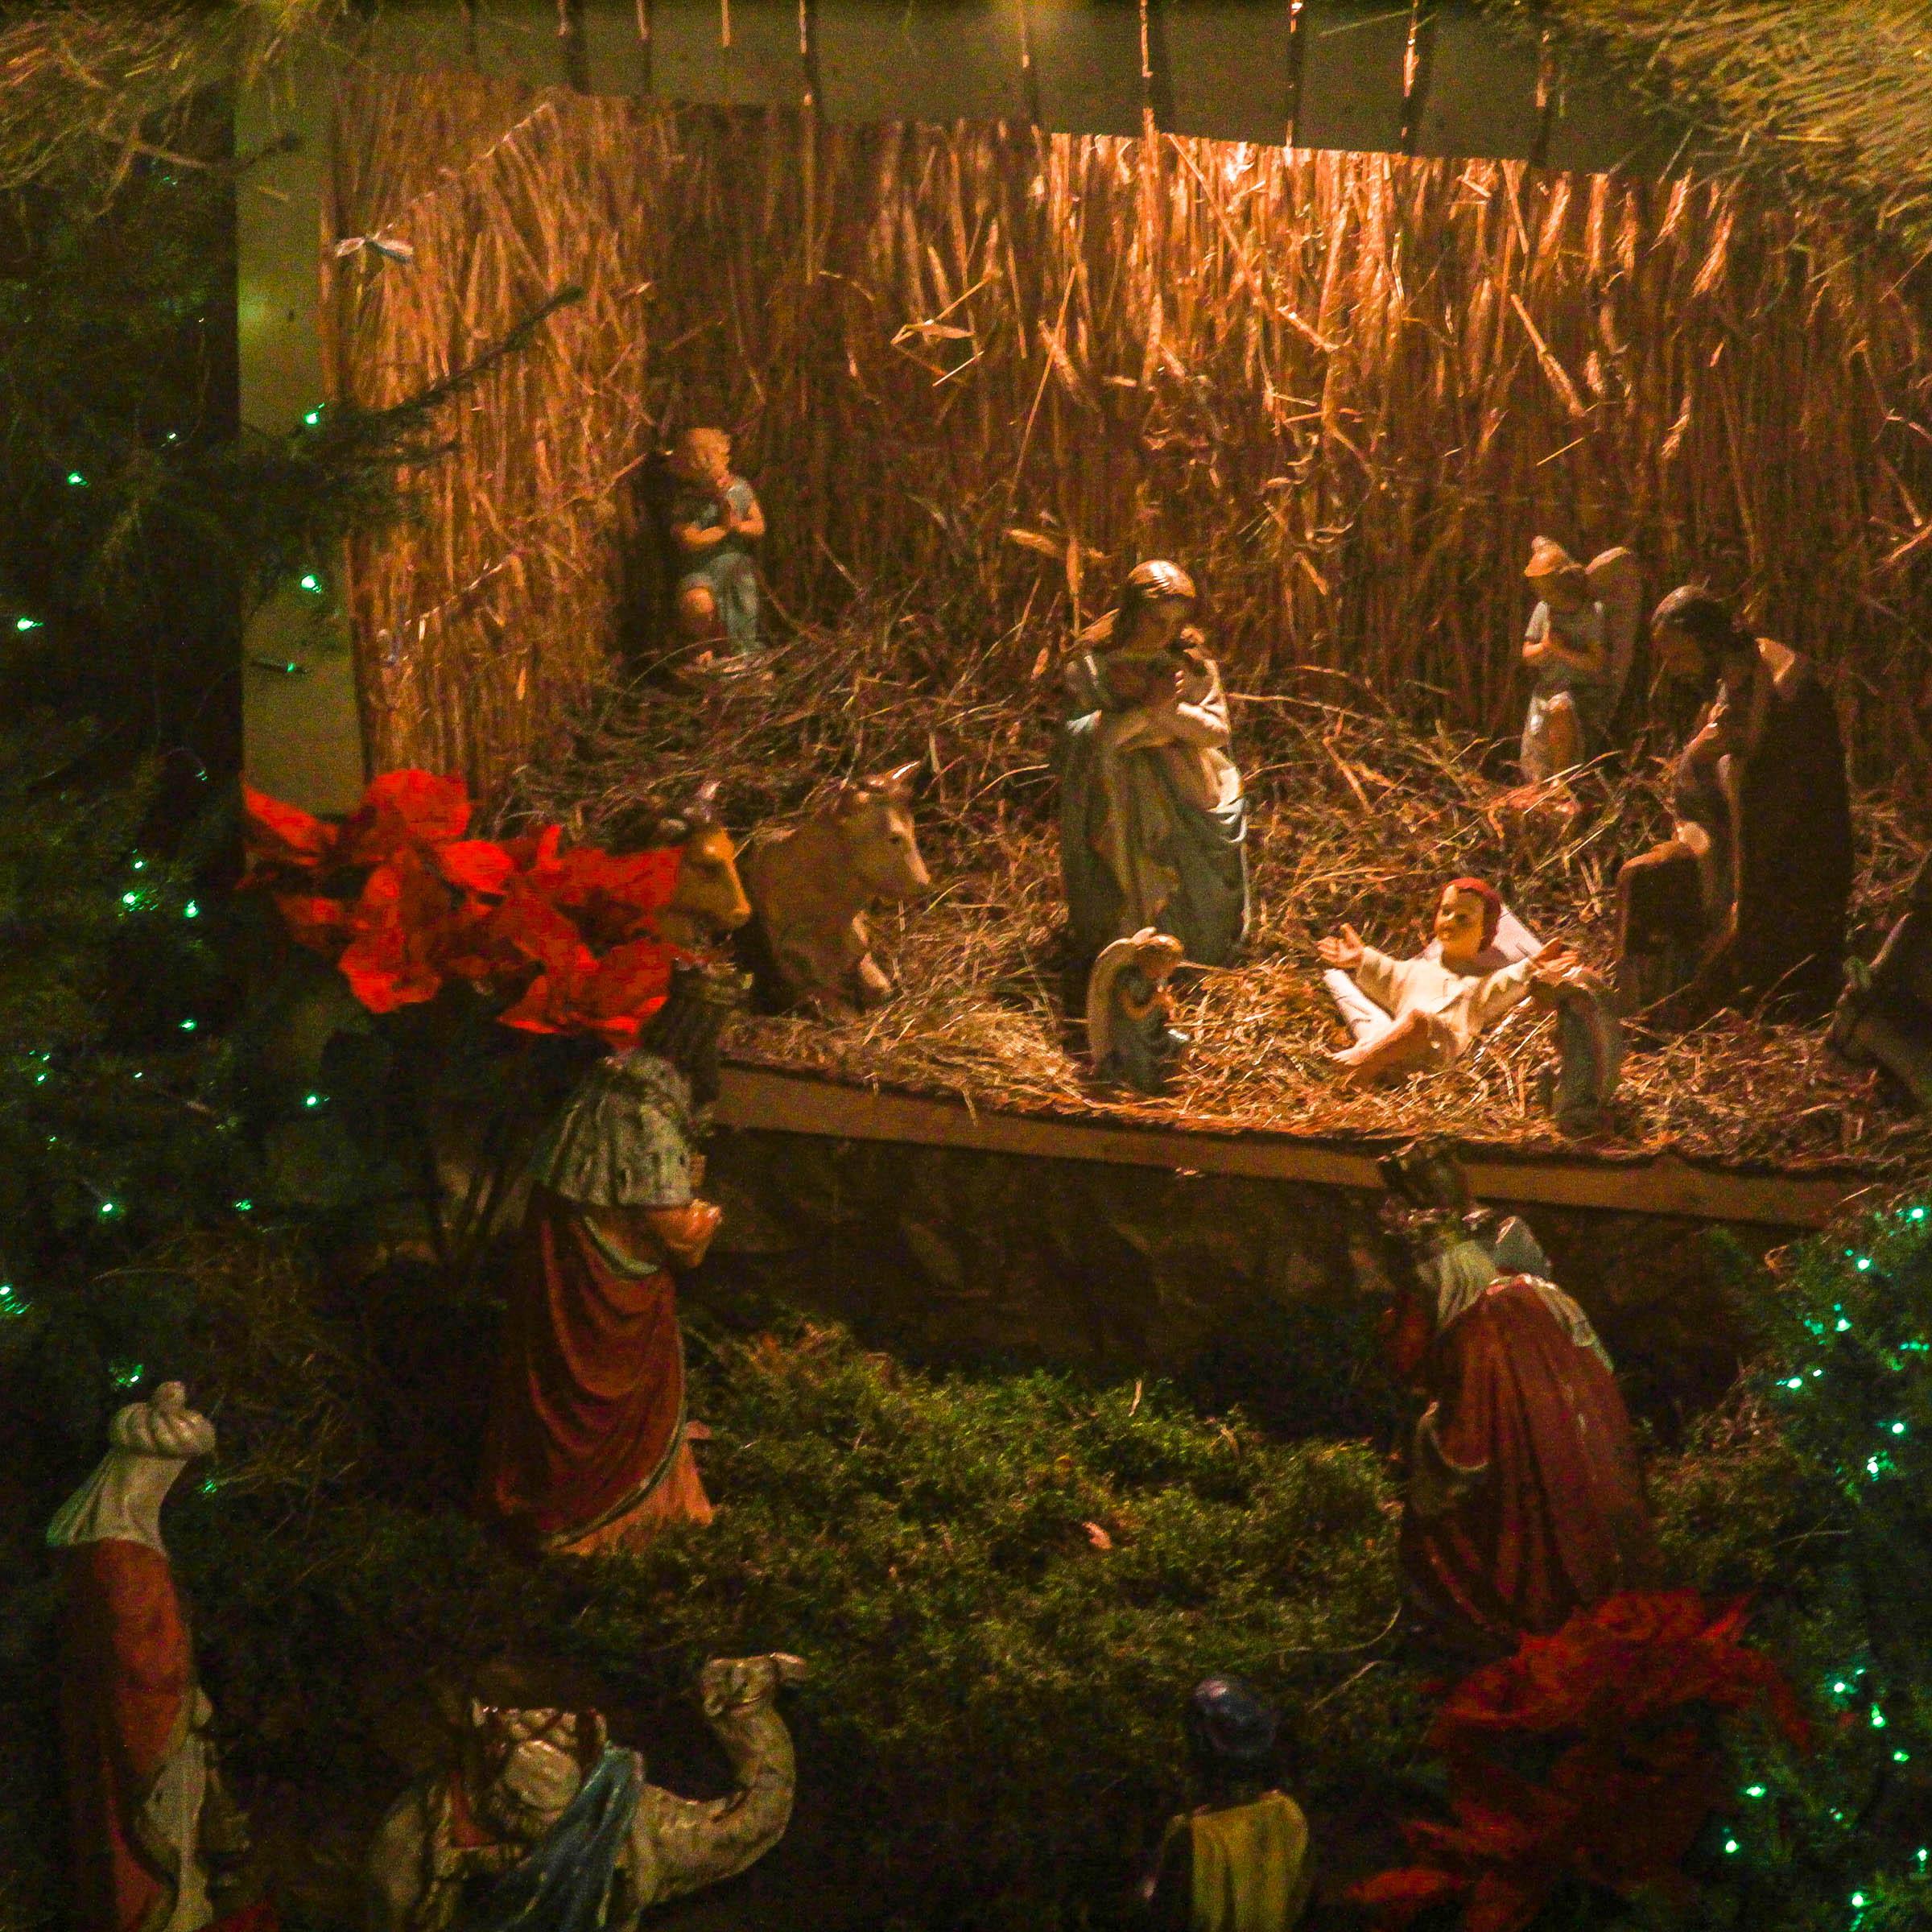 Dzisiaj w Betlejem, czyli co zagrać w Boże Narodzenie